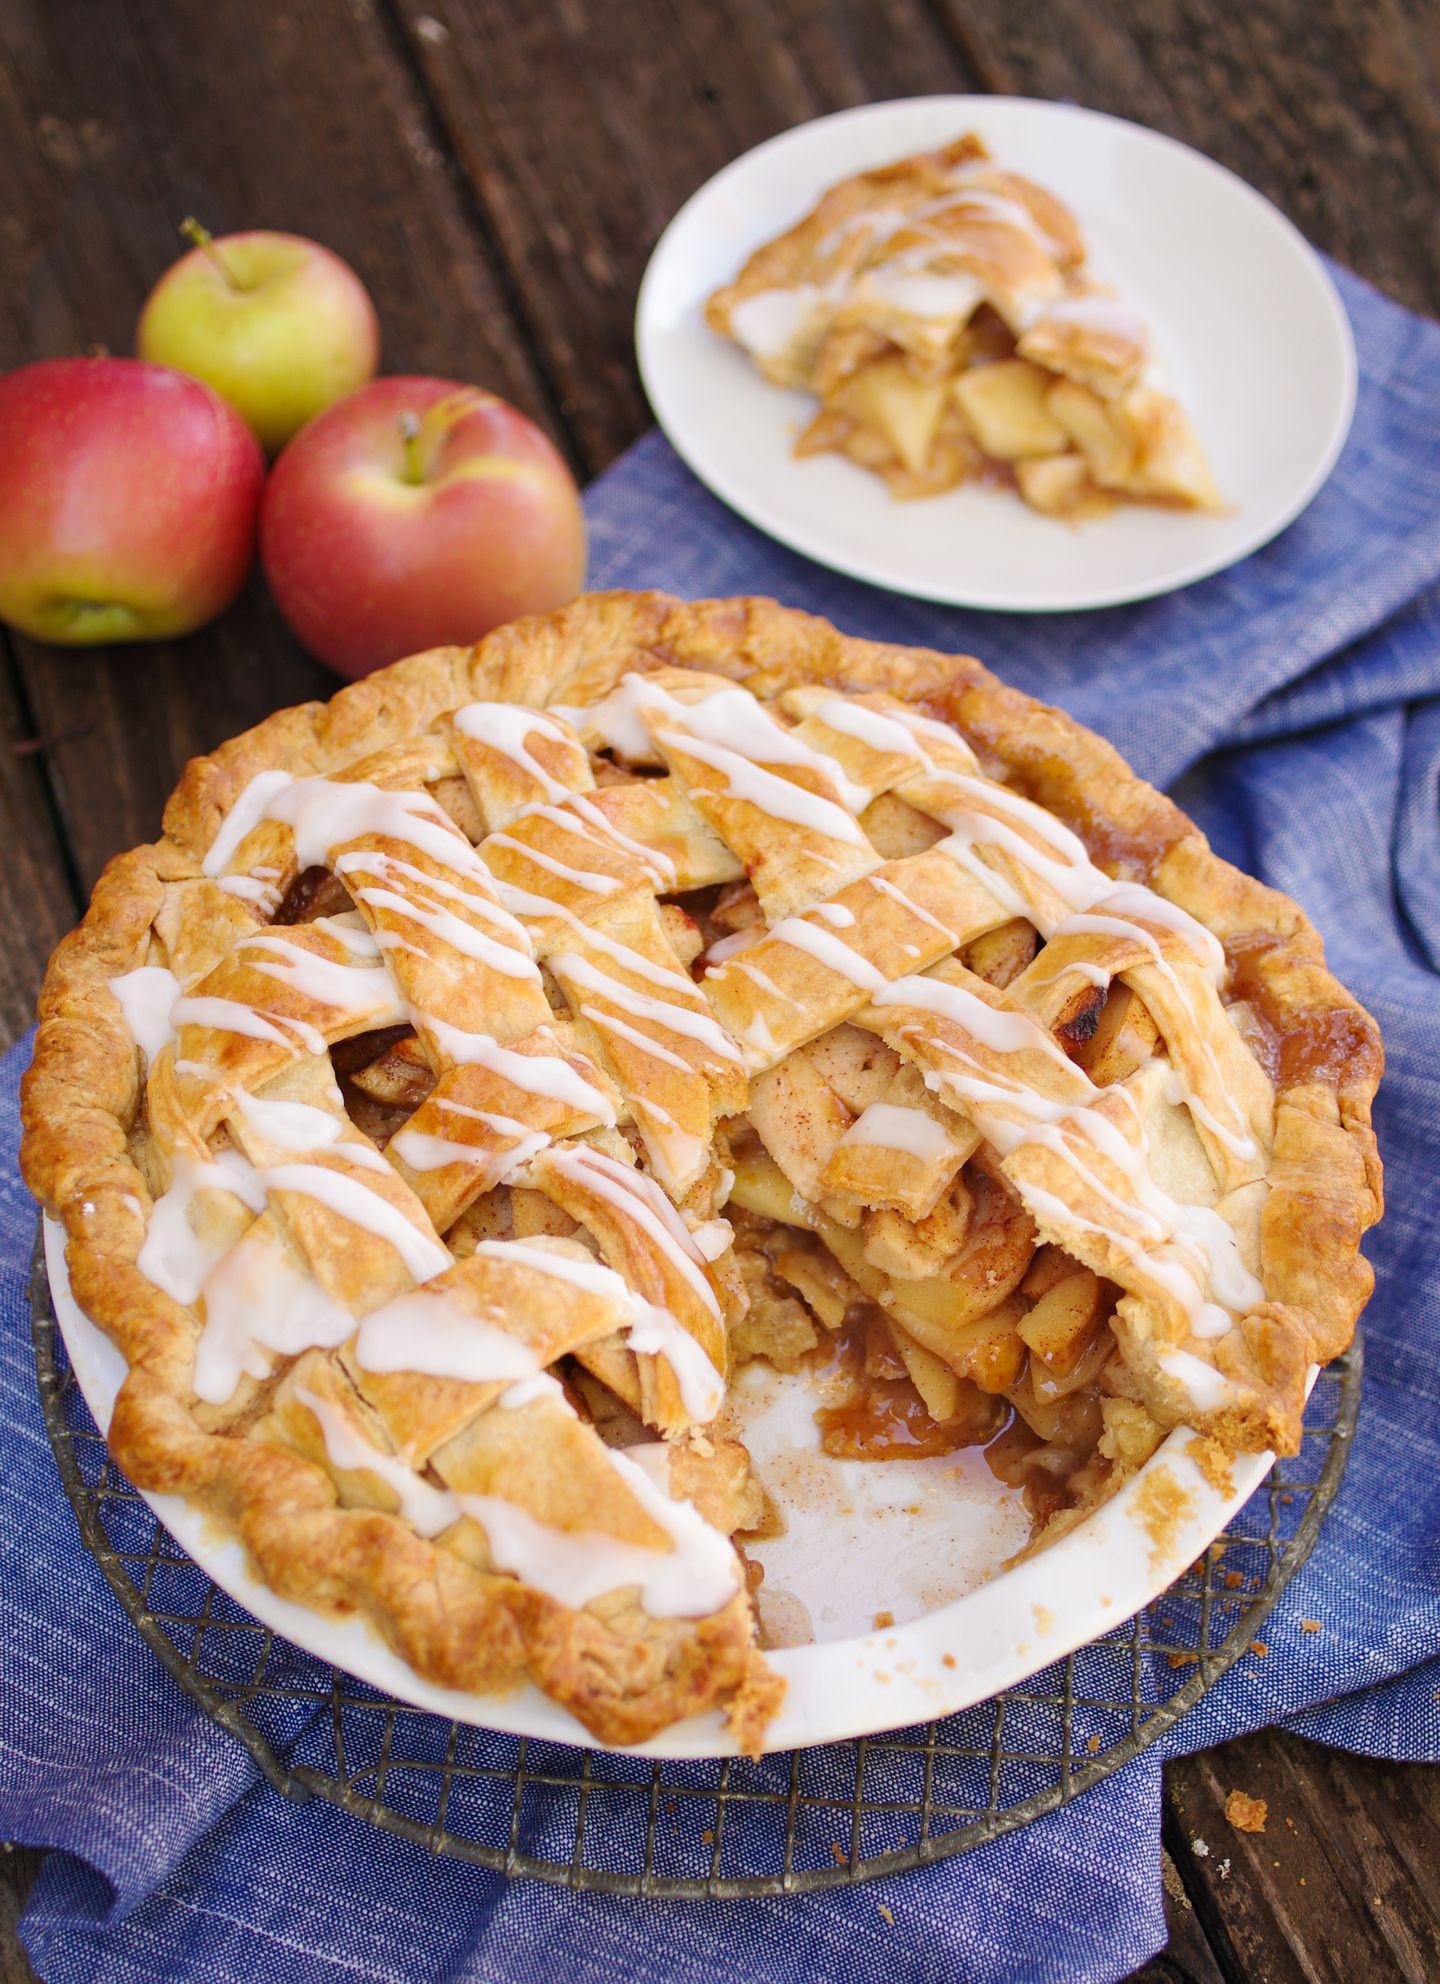 Recipe for lattice apple pie with brown sugar   The Boston Globe